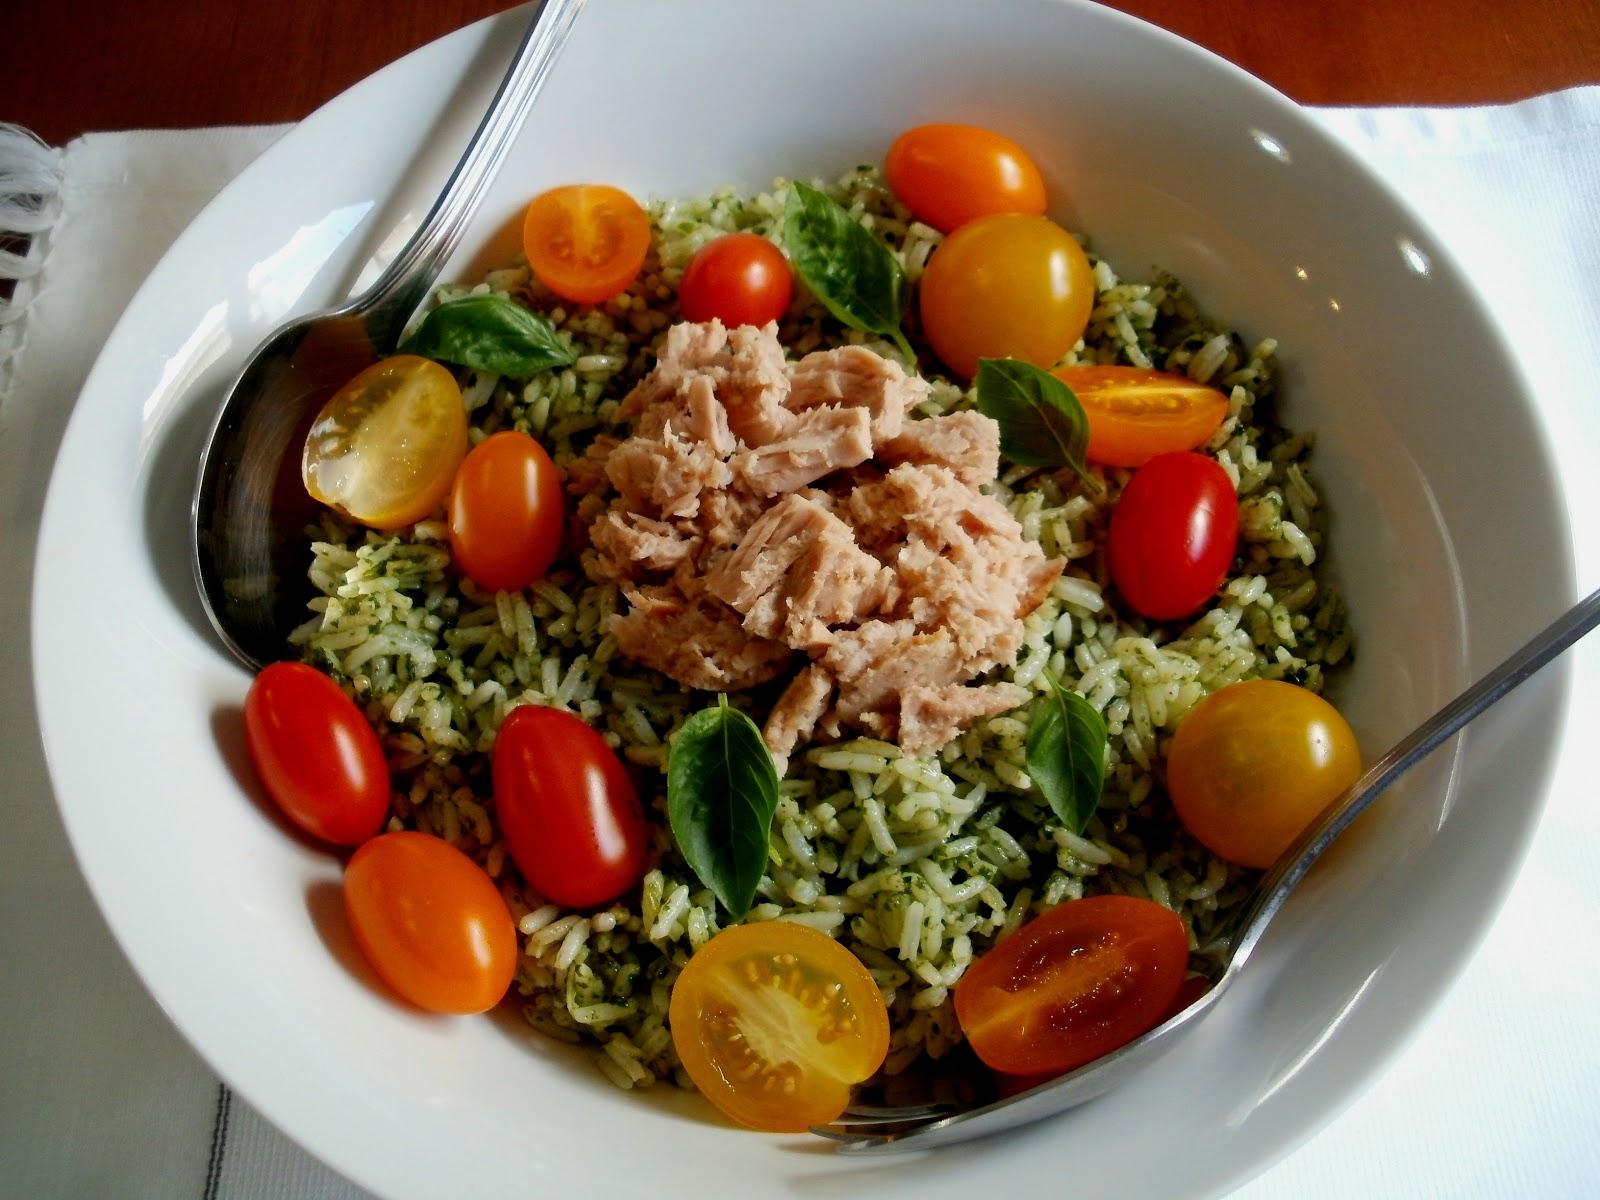 Los antojos de clara ensalada de arroz con albahaca at n - Ensalada de arroz light ...